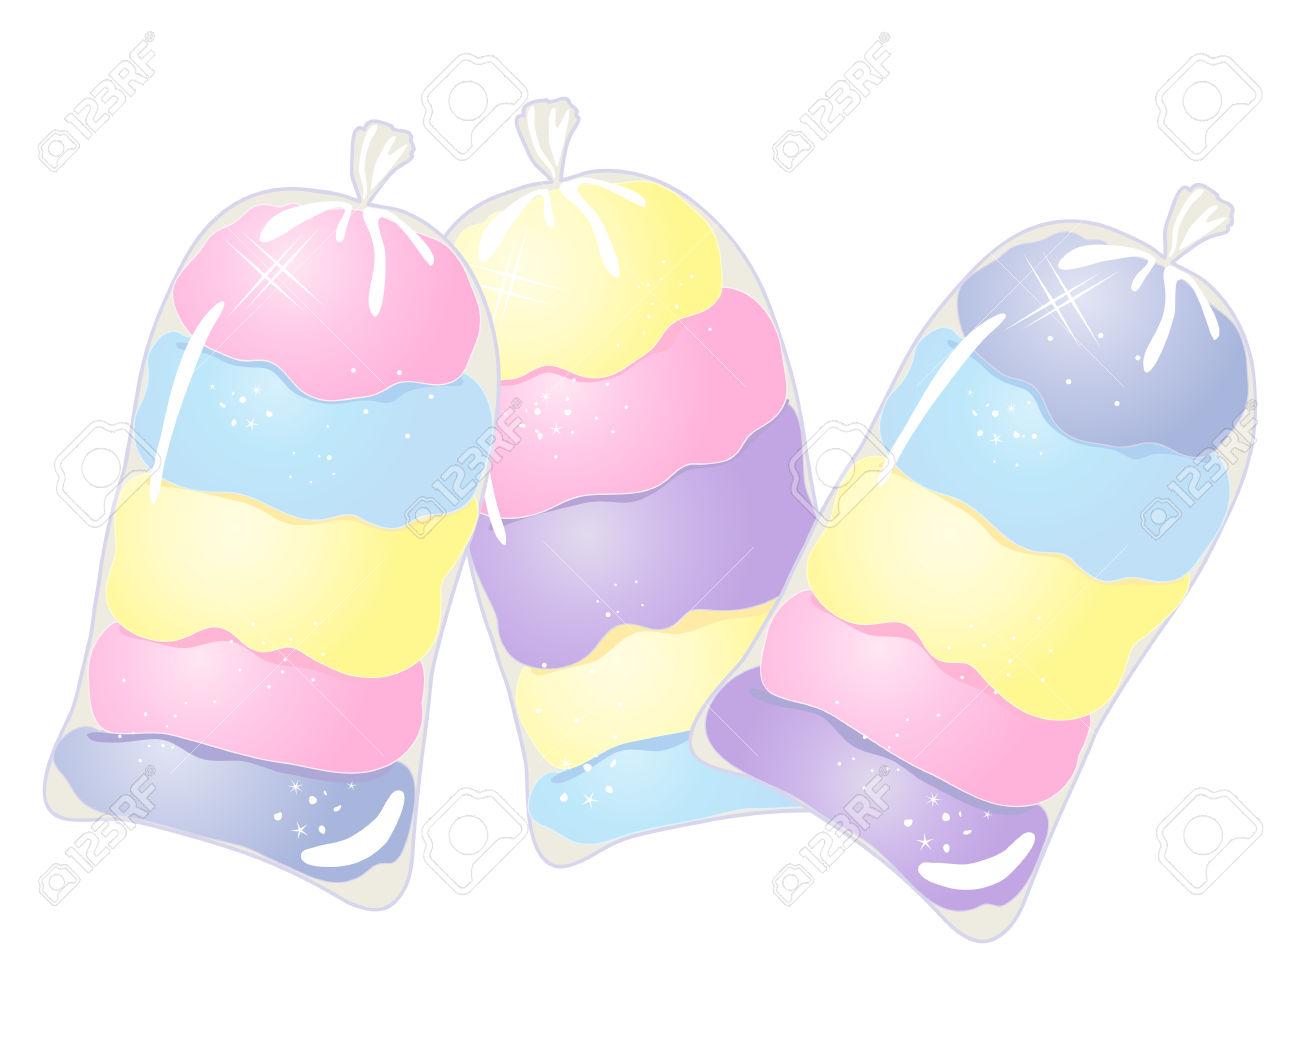 Eine Darstellung Von Drei Klar Taschen Aus Bunten Zuckerwatte In.